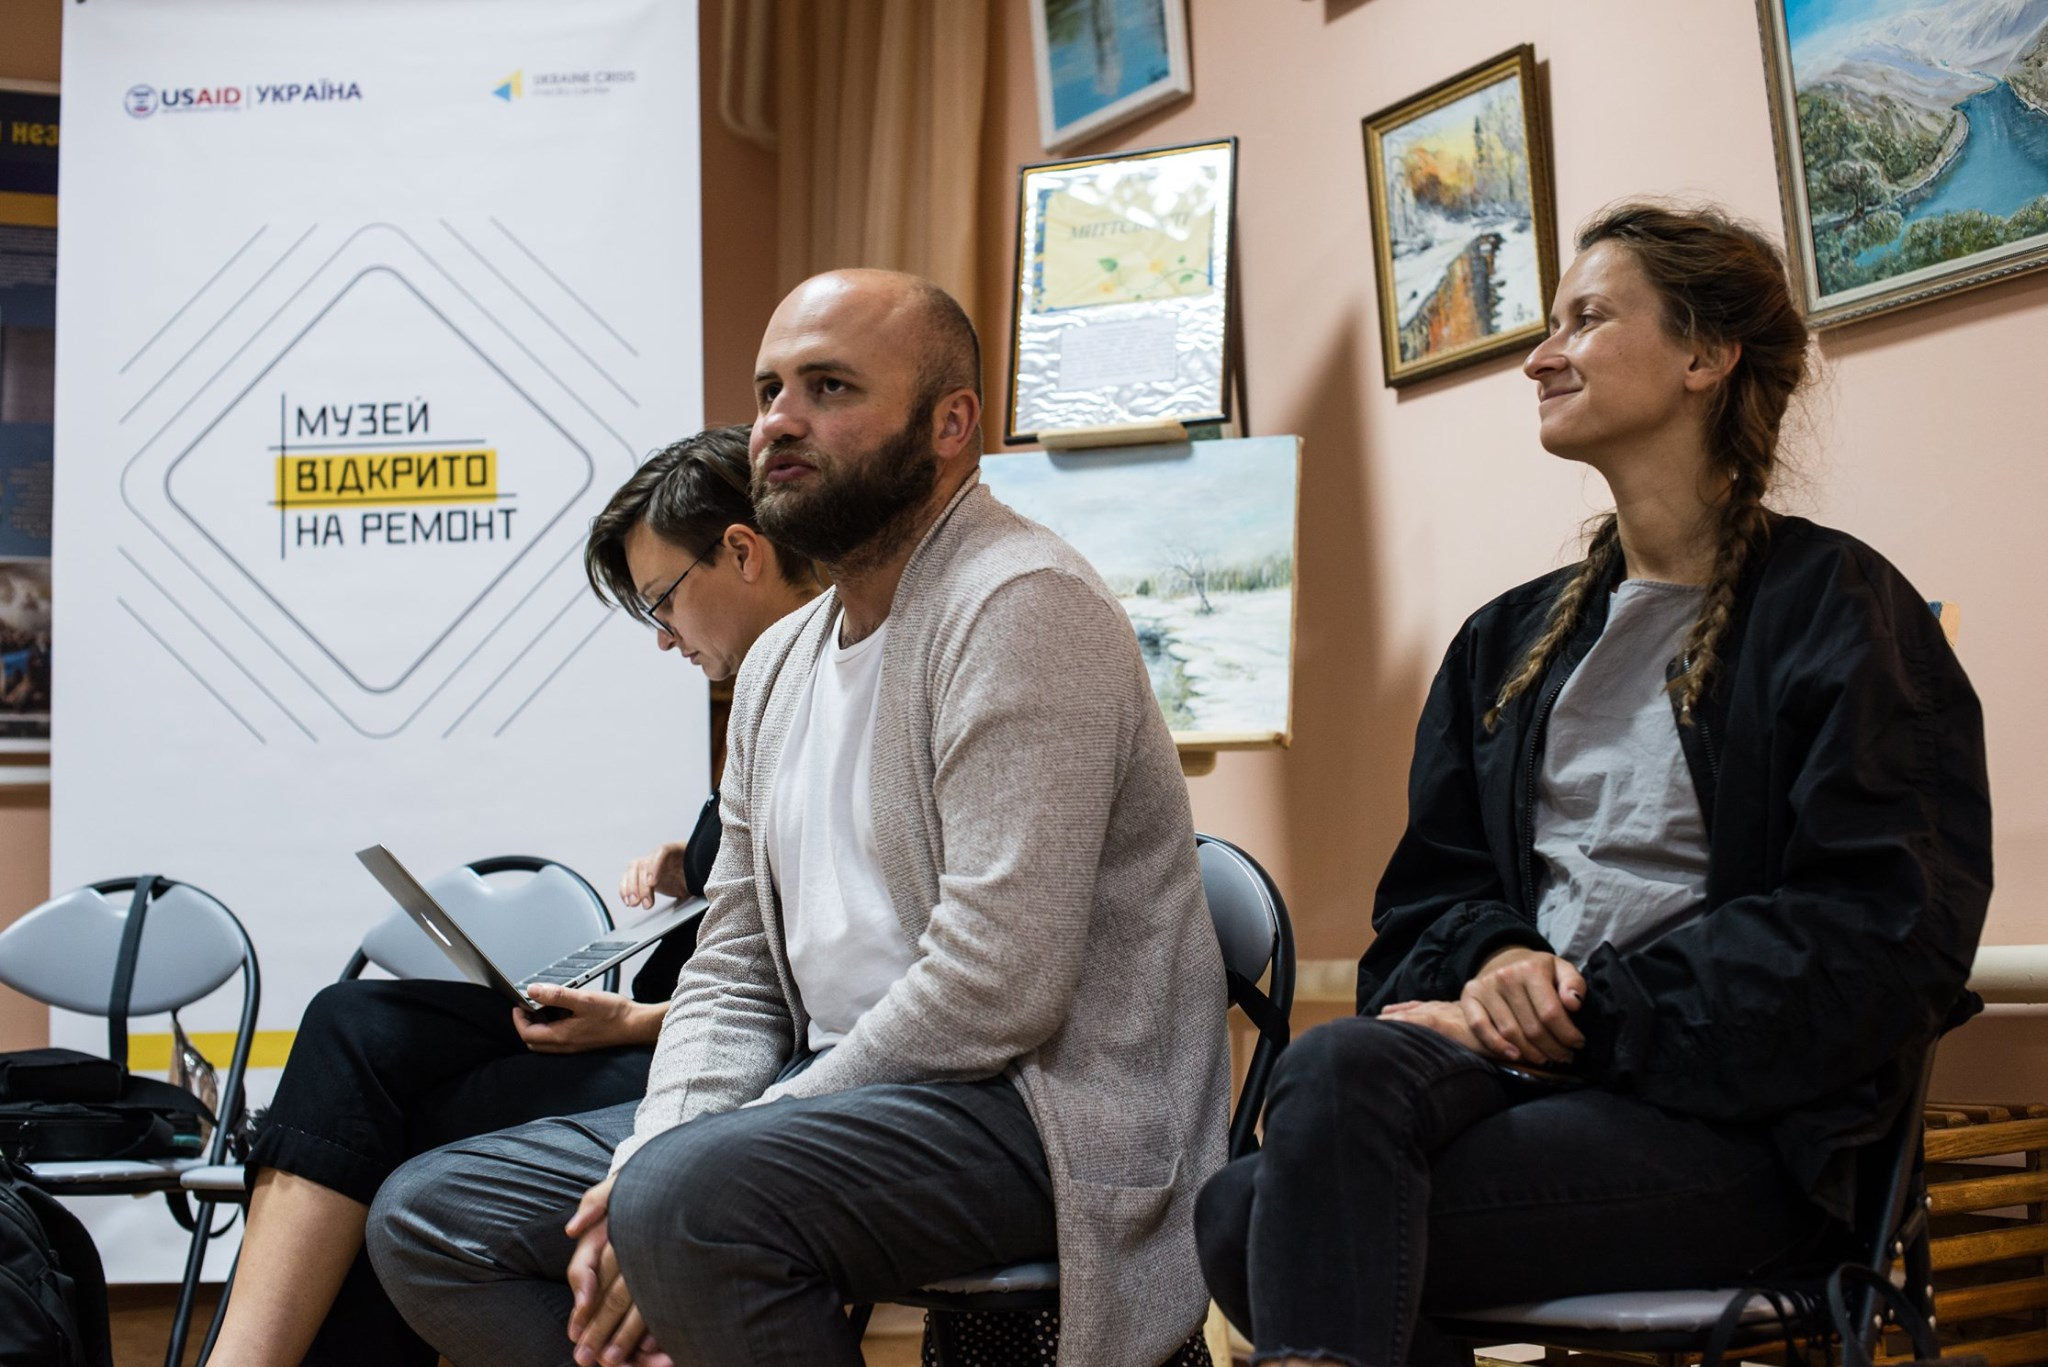 КУЛЬТУРА ПАМЯТИ В УКРАИНЕ: «Музей відкрито на ремонт»